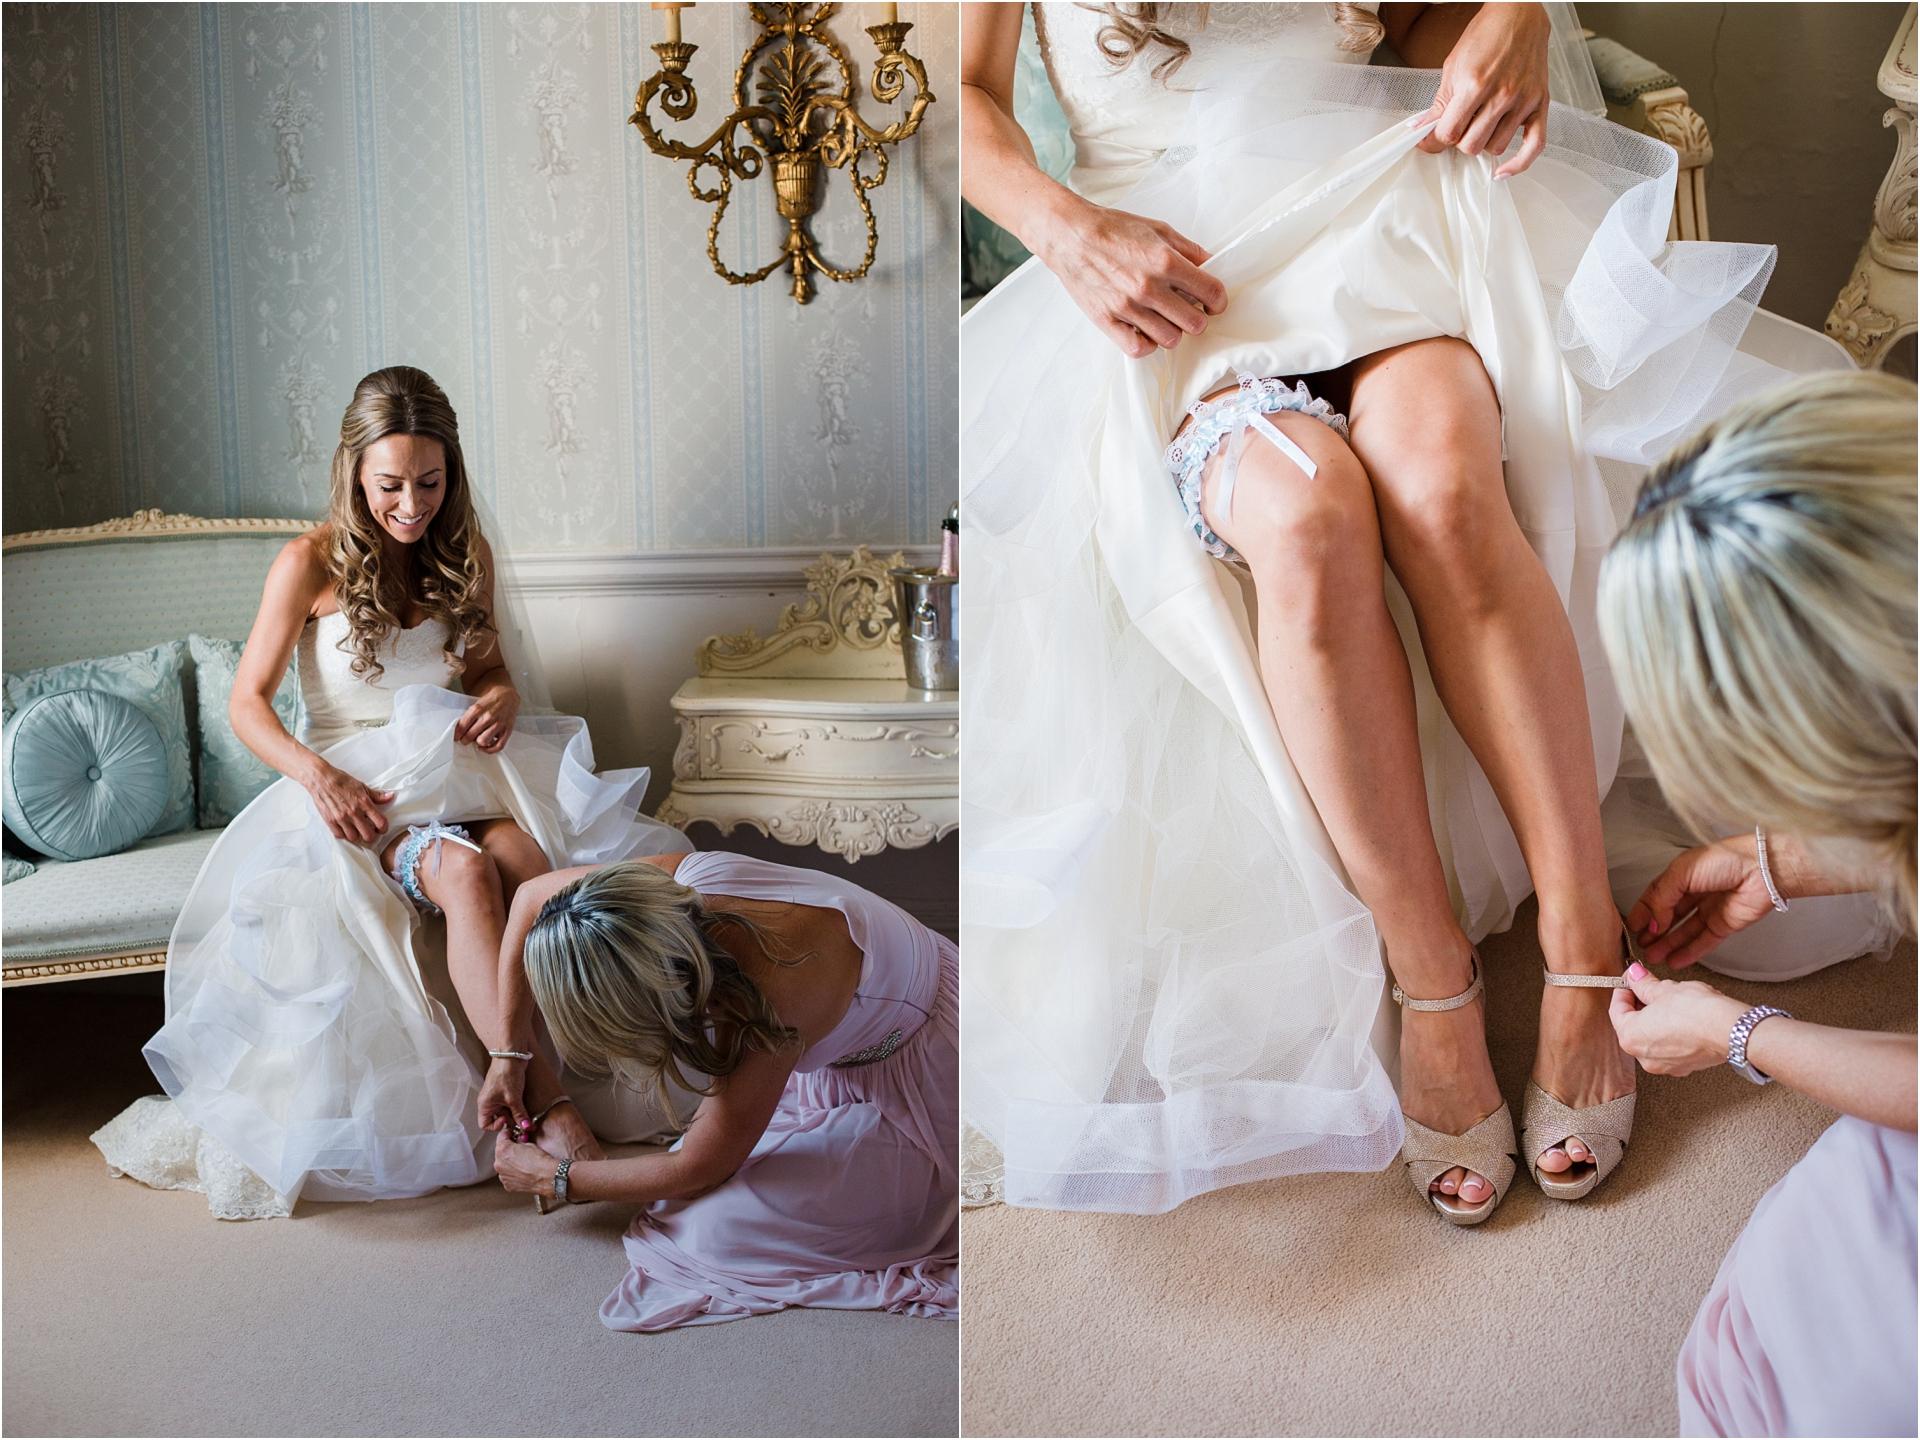 wedding-photography-norwood-park_0022